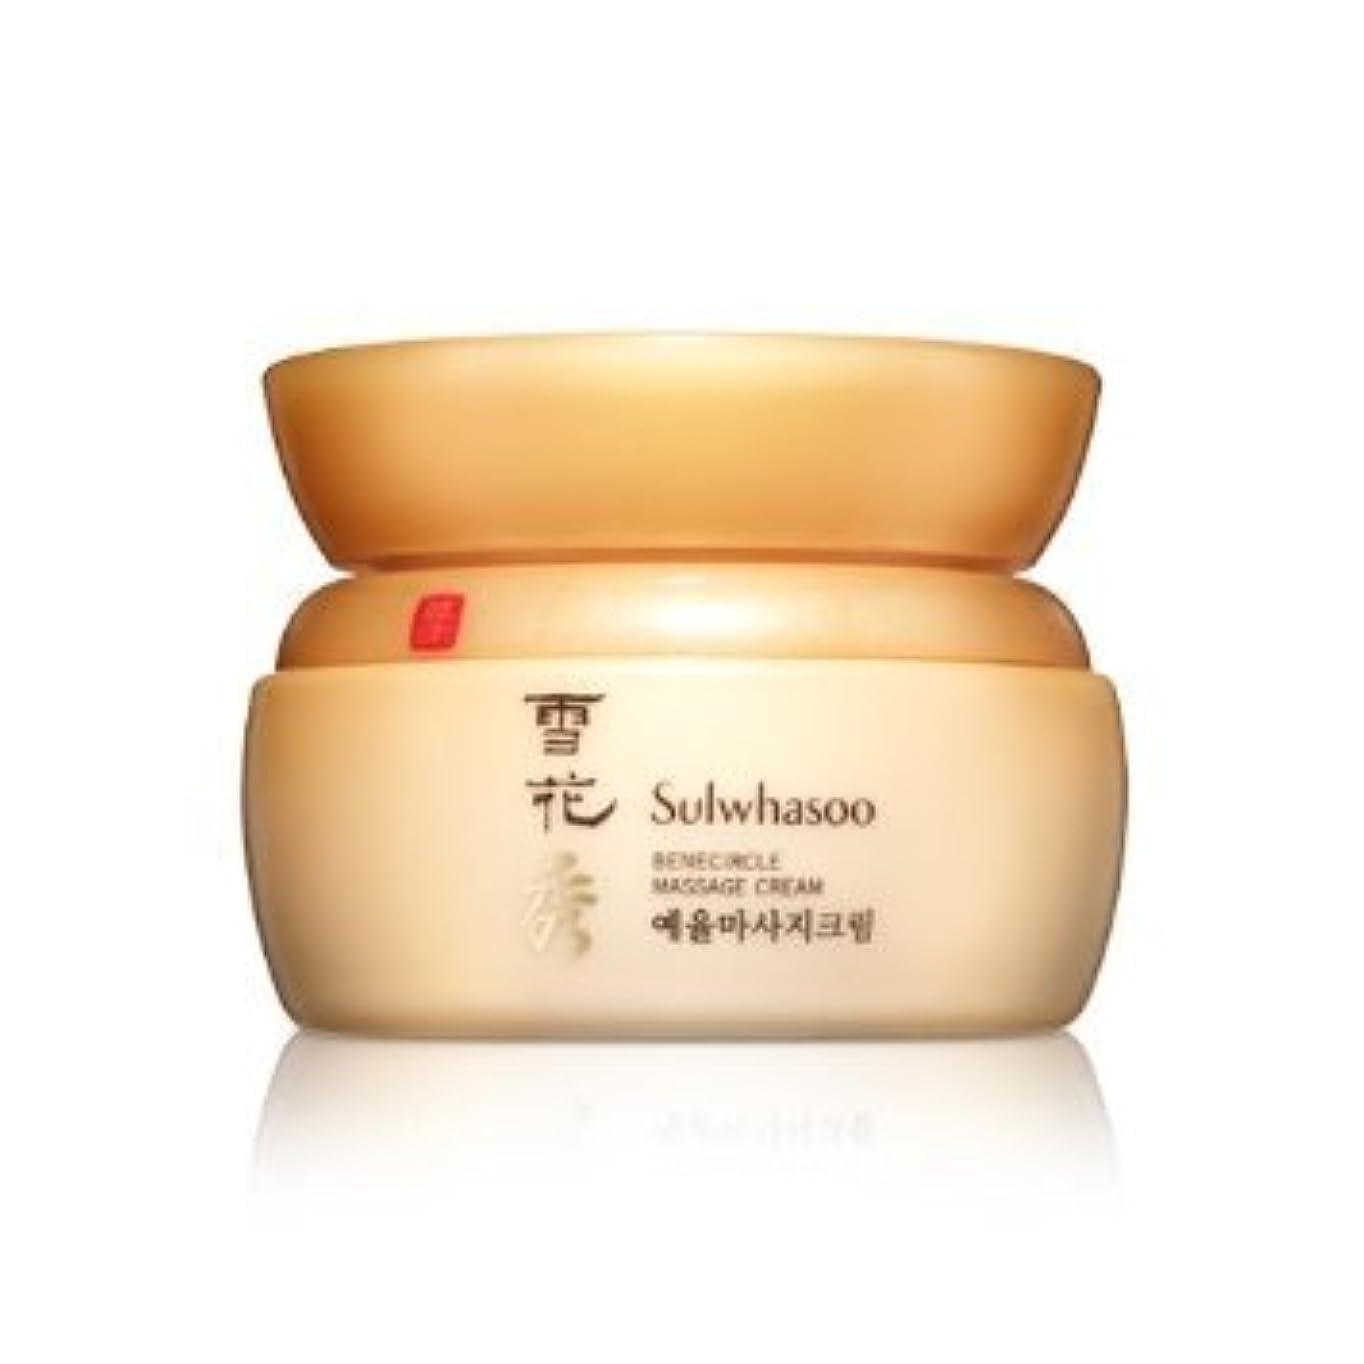 妻離す炭水化物[Sulwhasoo] Benecircle Massage Cream (Yae Yul Massage Cream) 180ml / FREE Gift Wrap![並行輸入品]